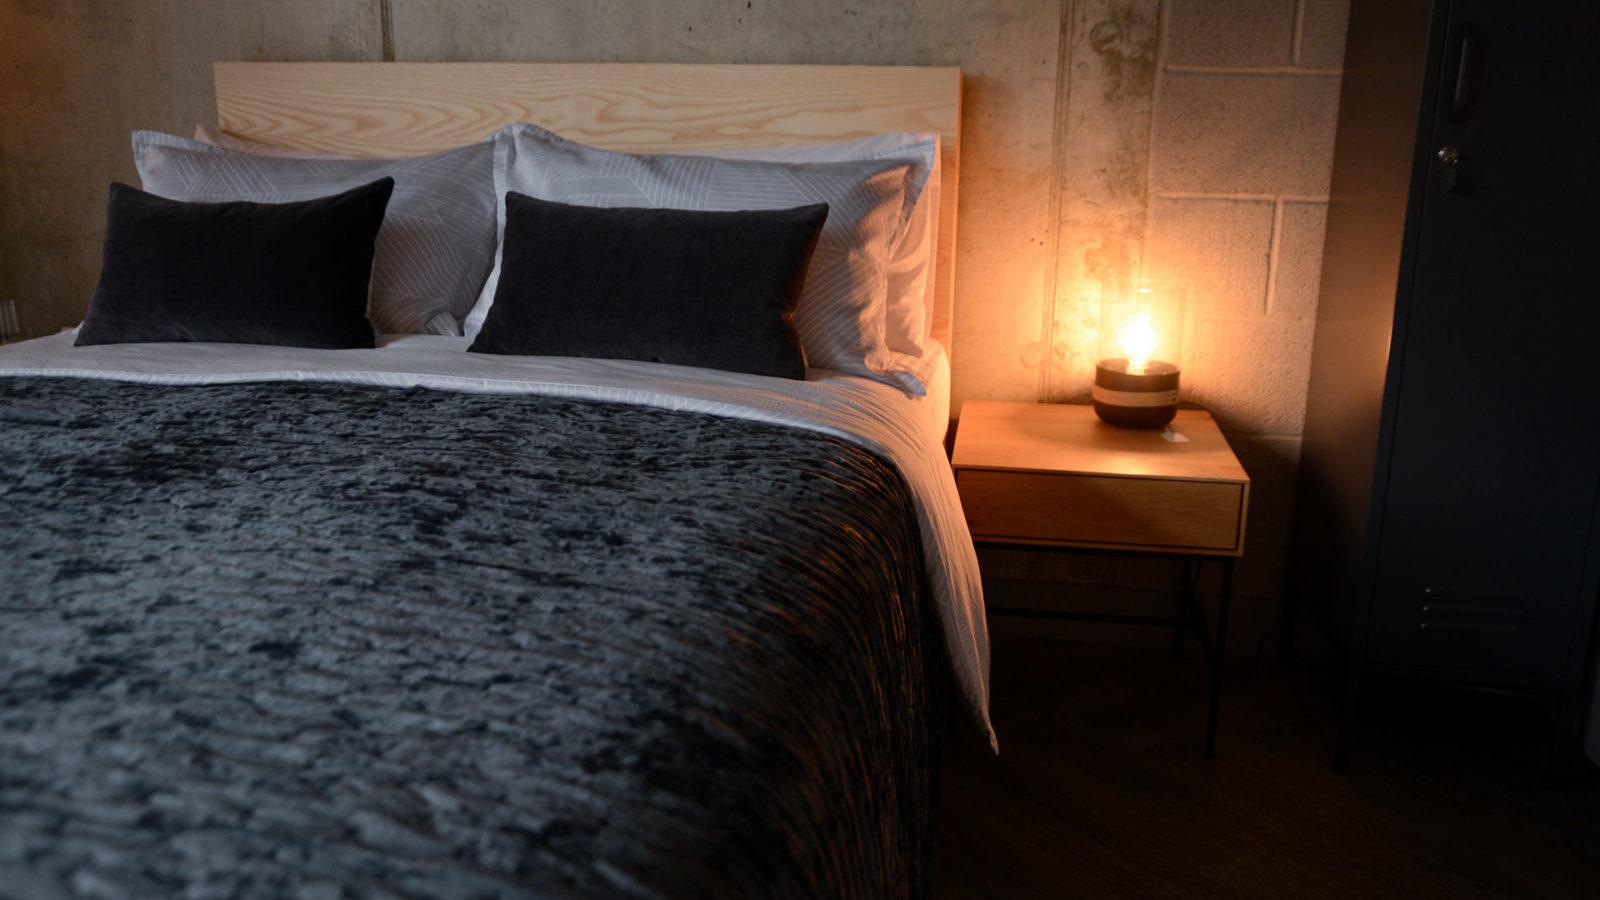 dark grey bedspread